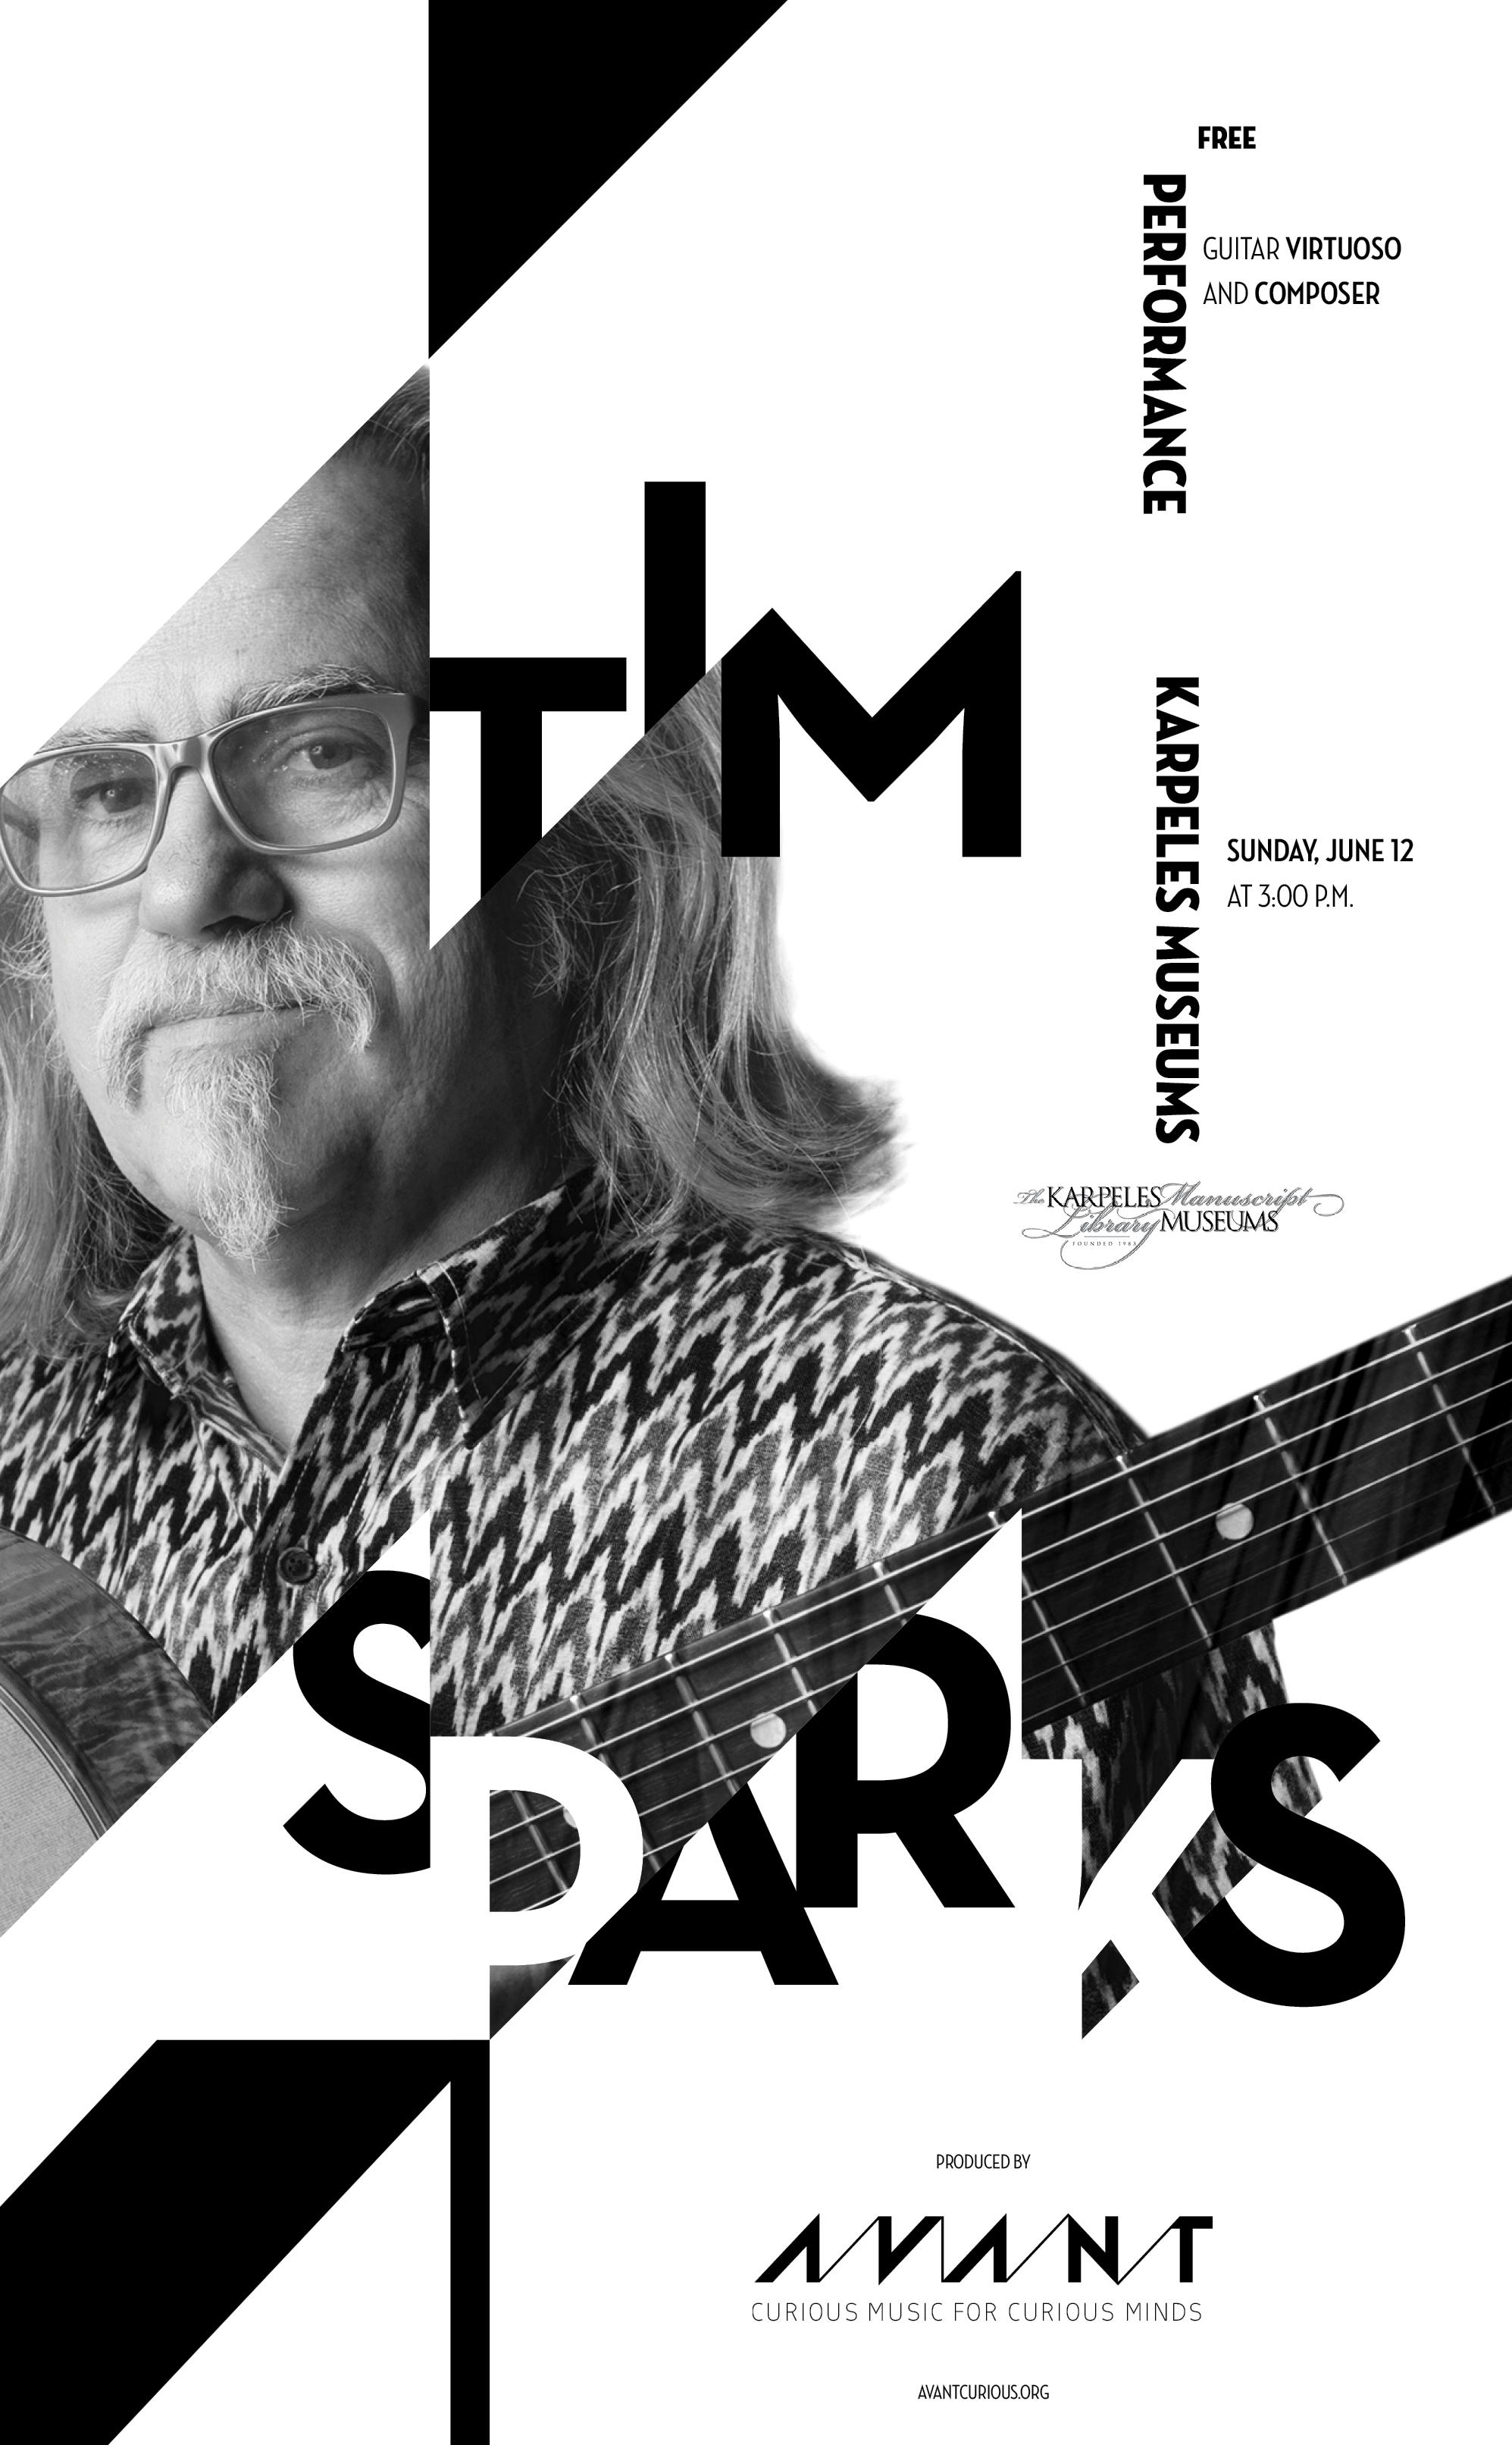 Avant-Tim Sparks poster.jpg